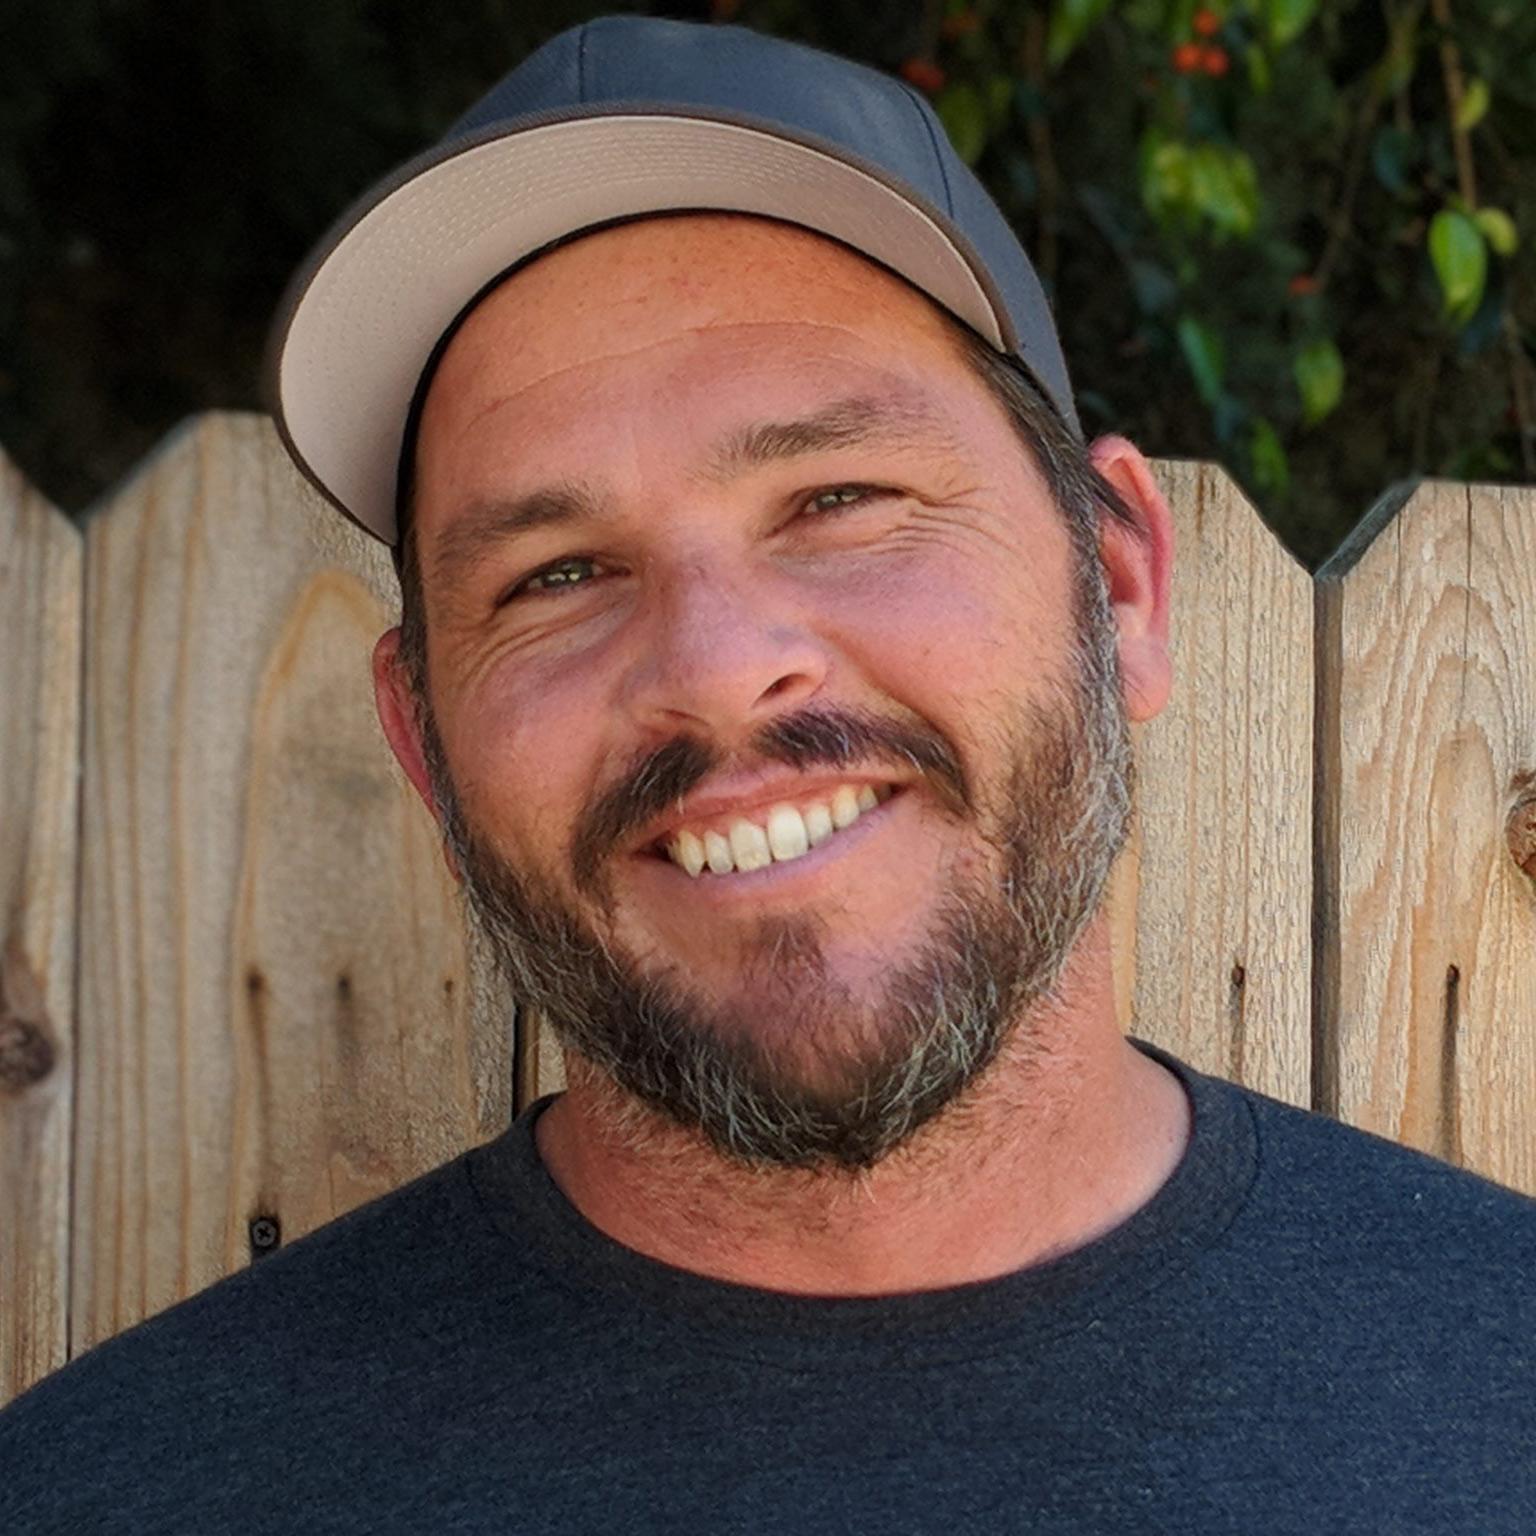 Joel Weisberger